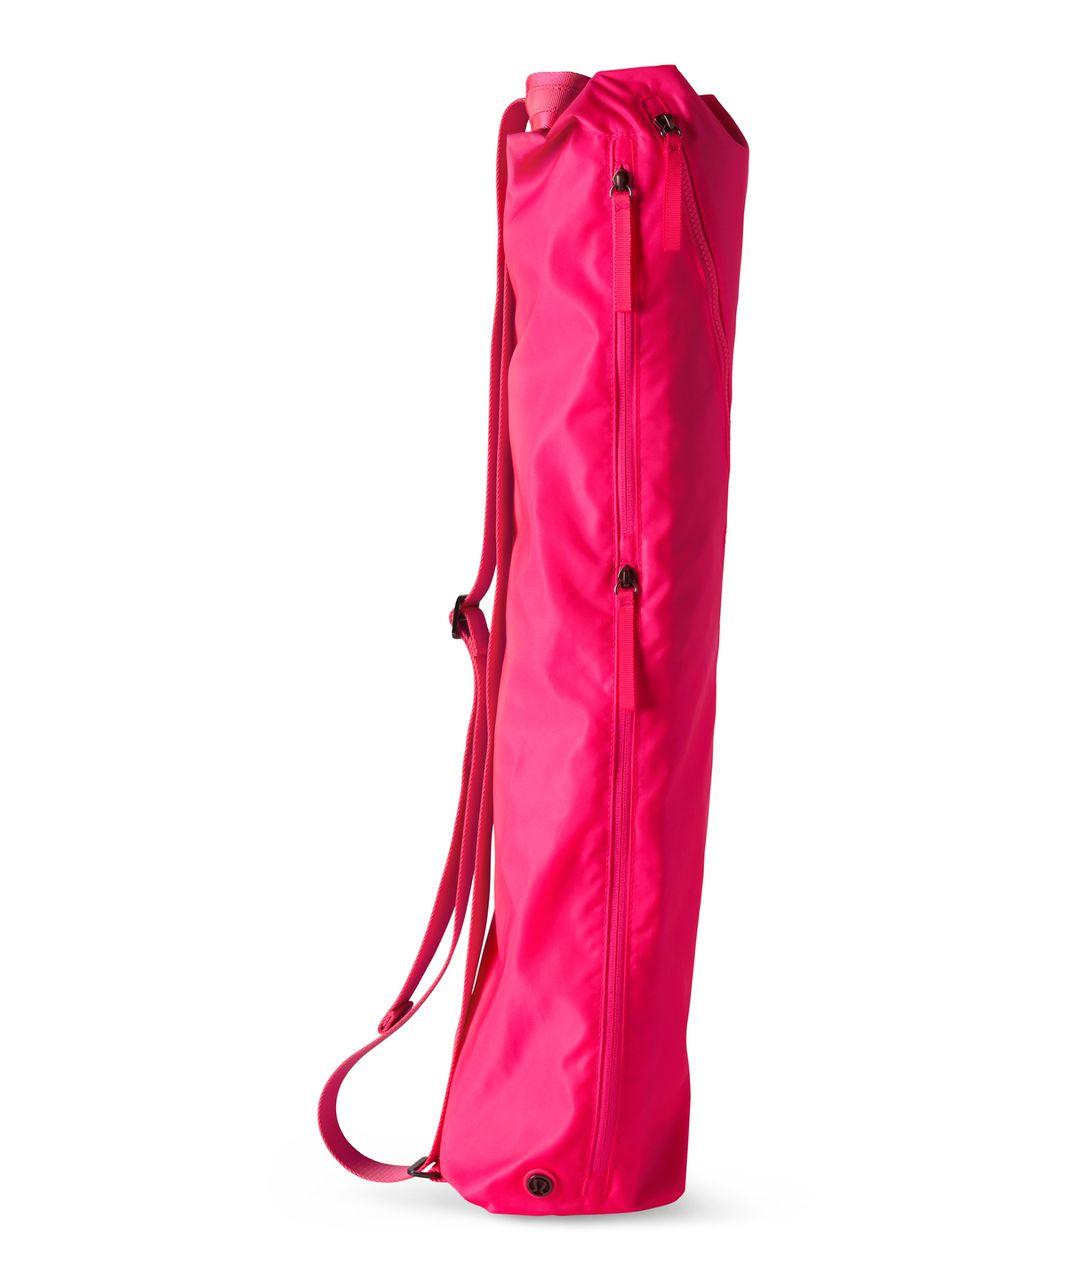 Lululemon The Yoga Bag Neon Pink